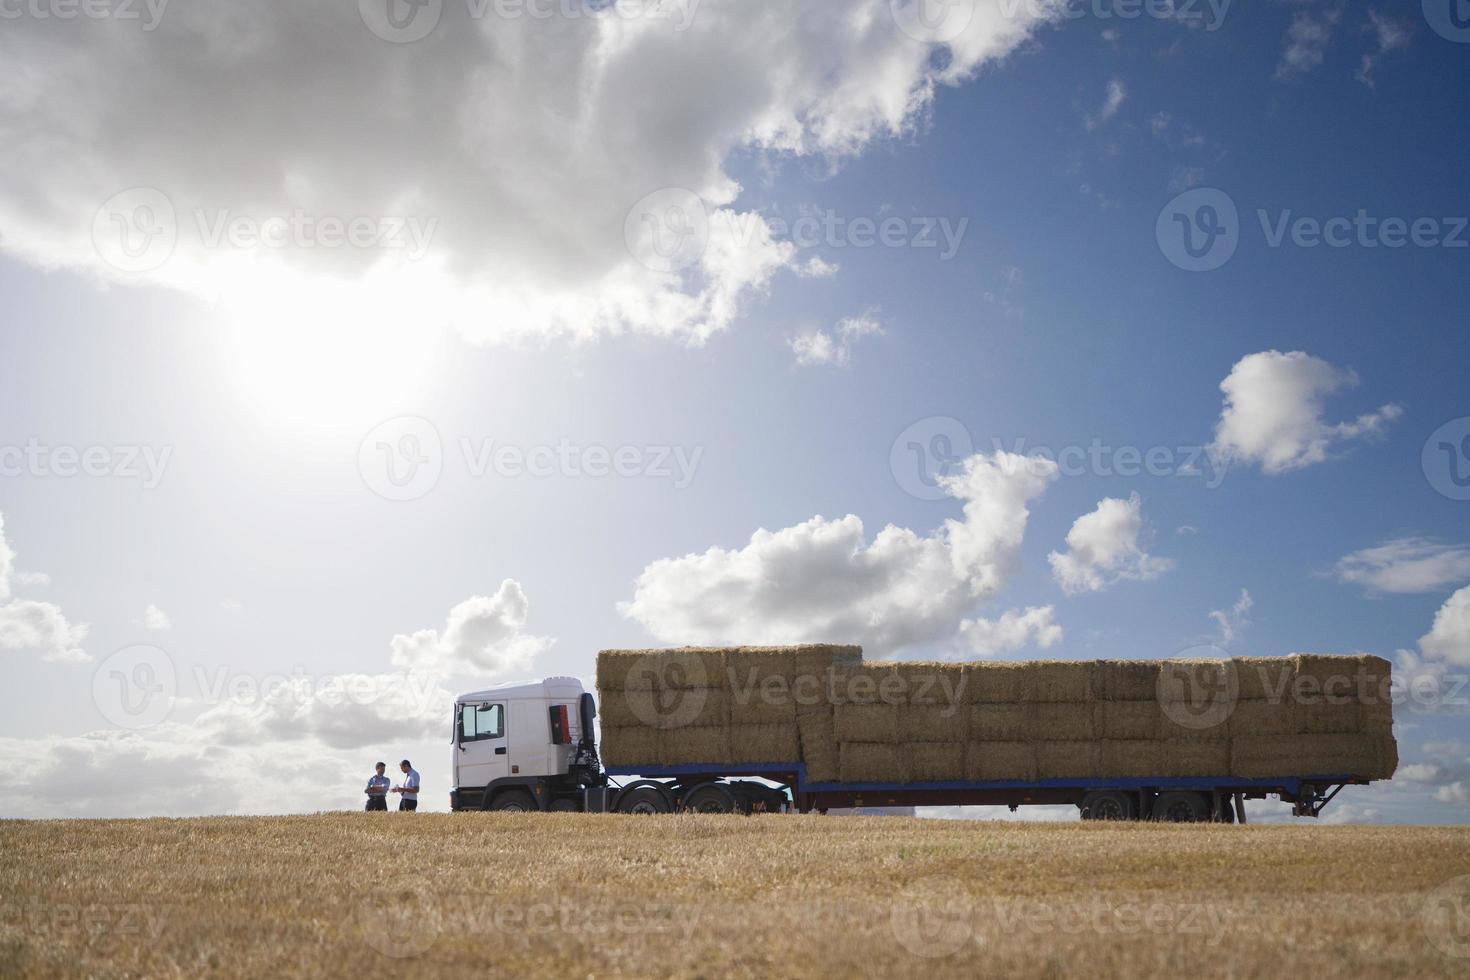 strobalen op aanhangwagen in zonnig, landelijk gebied foto